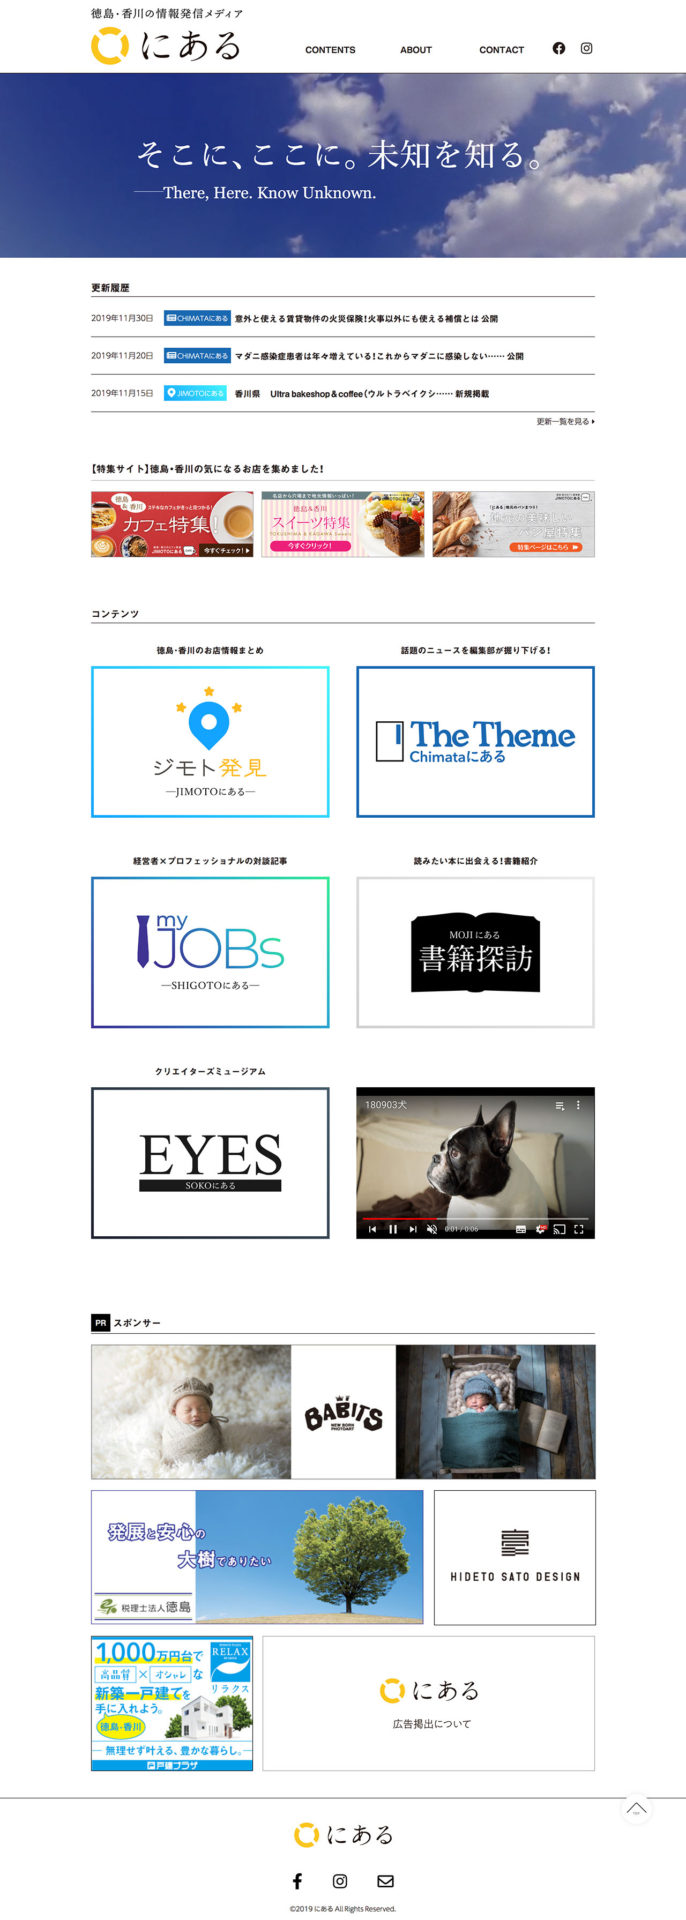 徳島・香川の情報発信メディア にあるのキャプチャ